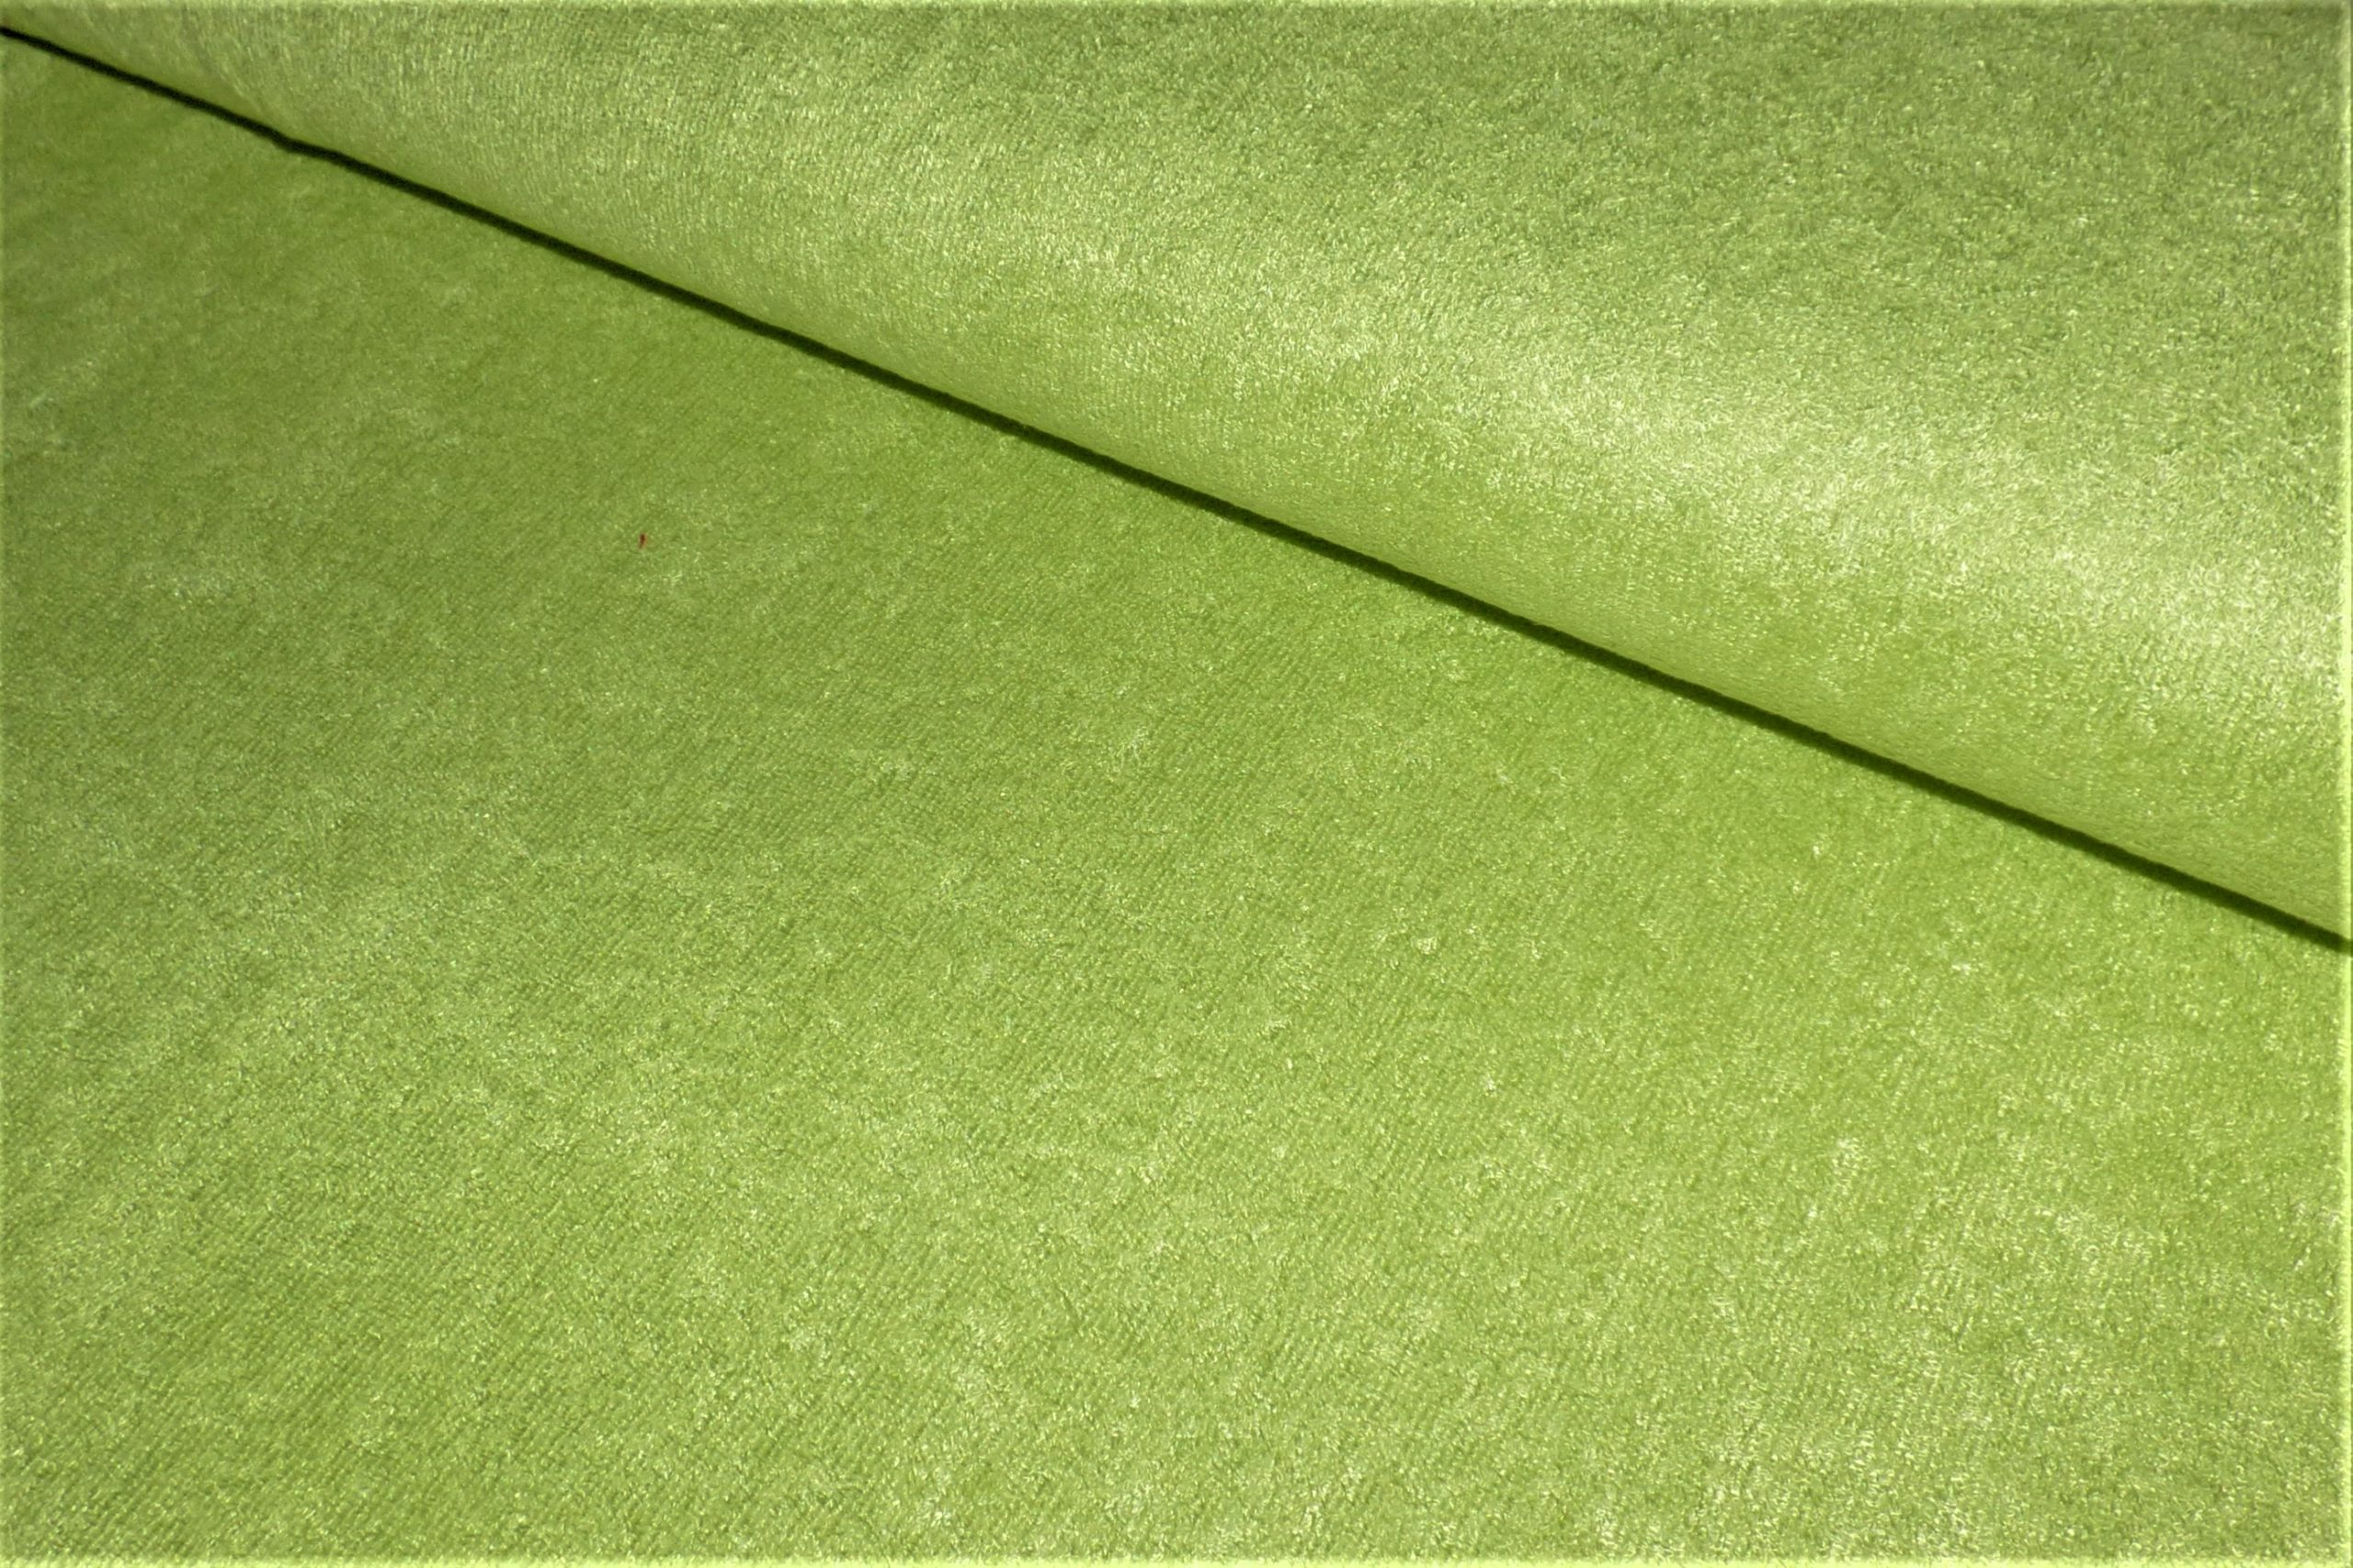 eponge de bambou vert